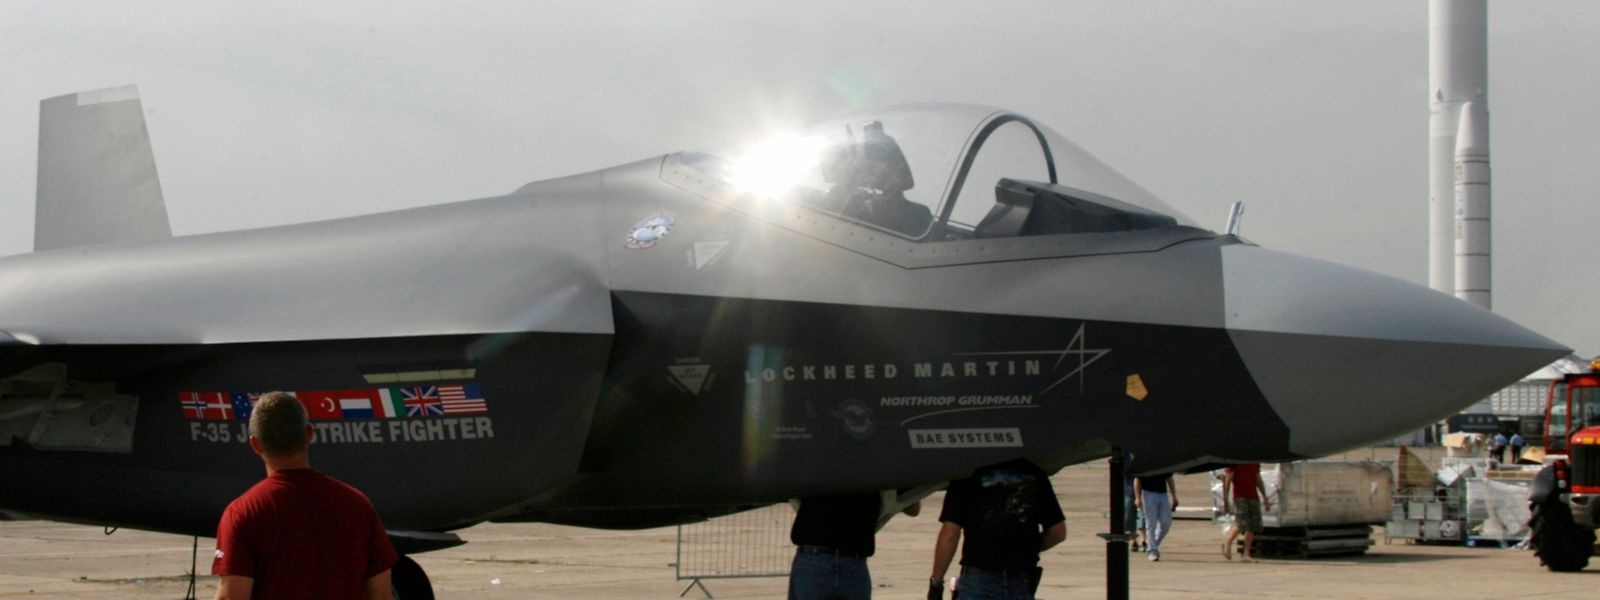 La Belgique a commandé des F-35 américains dernièrement. Il s'agit d'appareils adaptés au transport de bombes nucléaires.